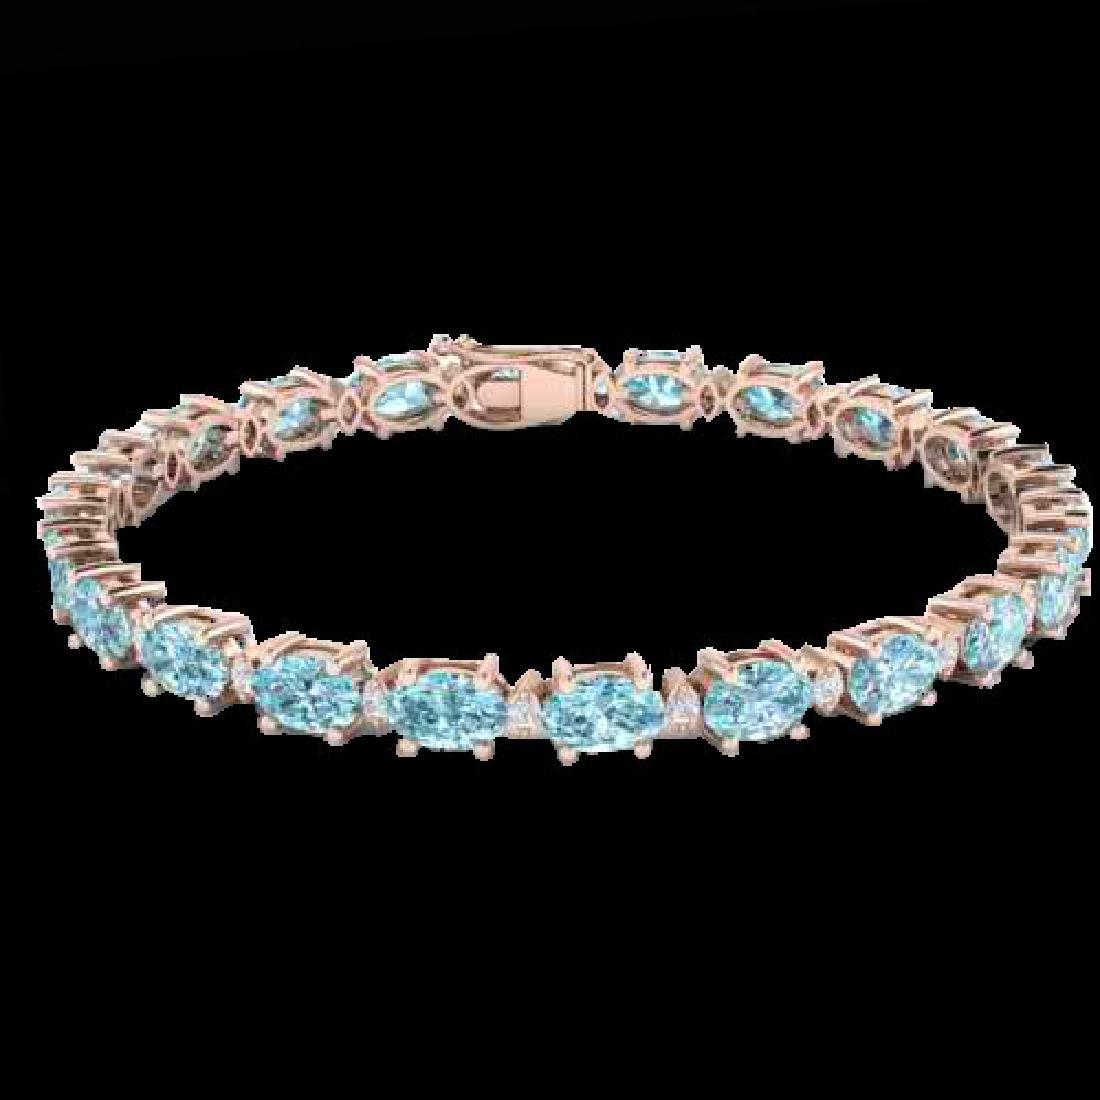 19.7 CTW Sky Blue Topaz & VS/SI Certified Diamond